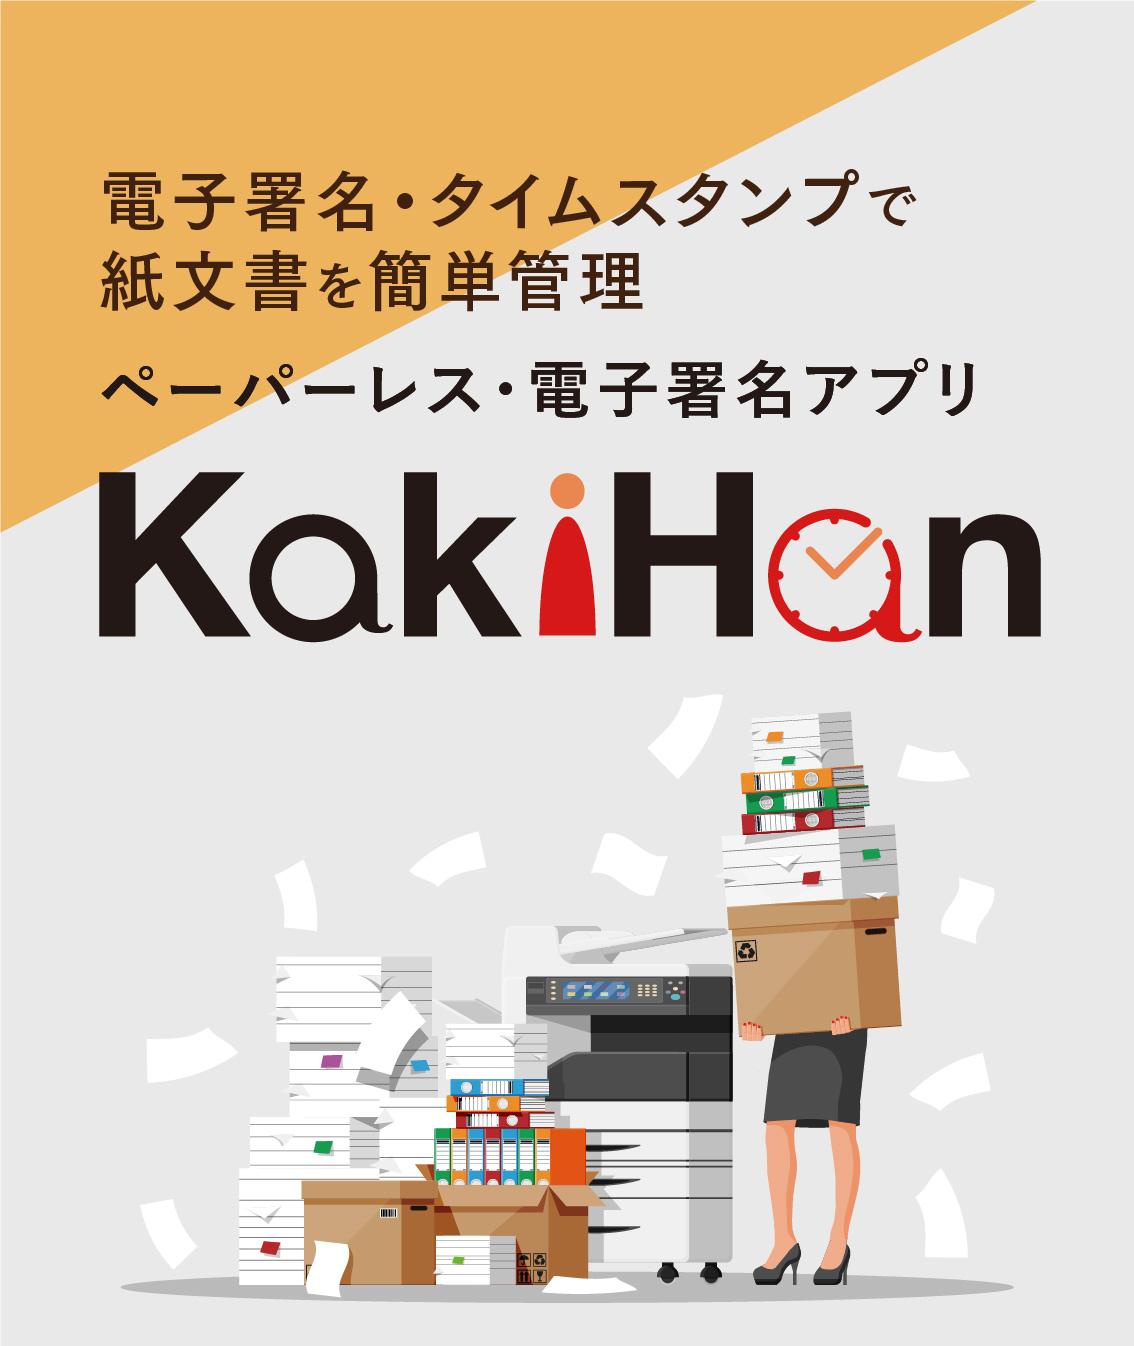 ペーパーレス・電子署名アプリ KakiHan 電子署名・タイムスタンプで紙文書を簡単管理 